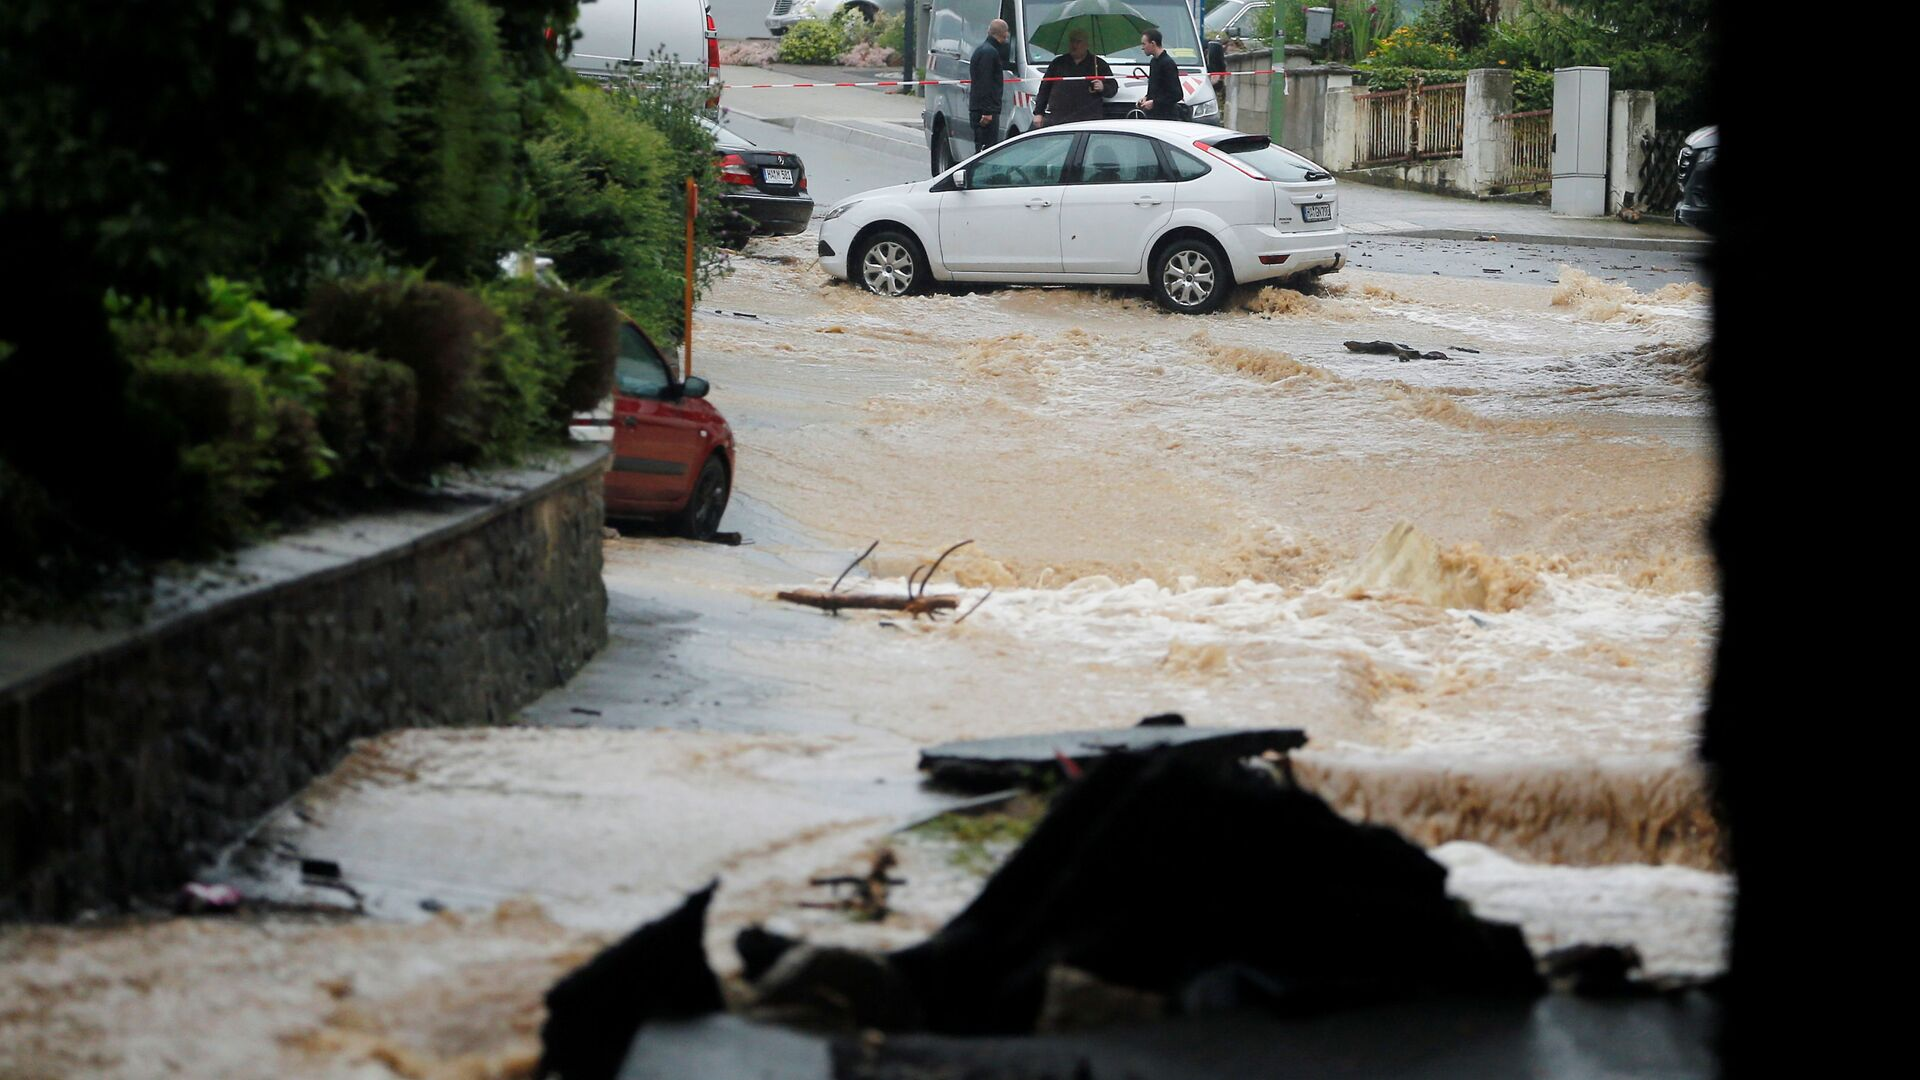 Затопленная улица после проливных дождей в Хагене, Германия  - Sputnik Italia, 1920, 15.07.2021